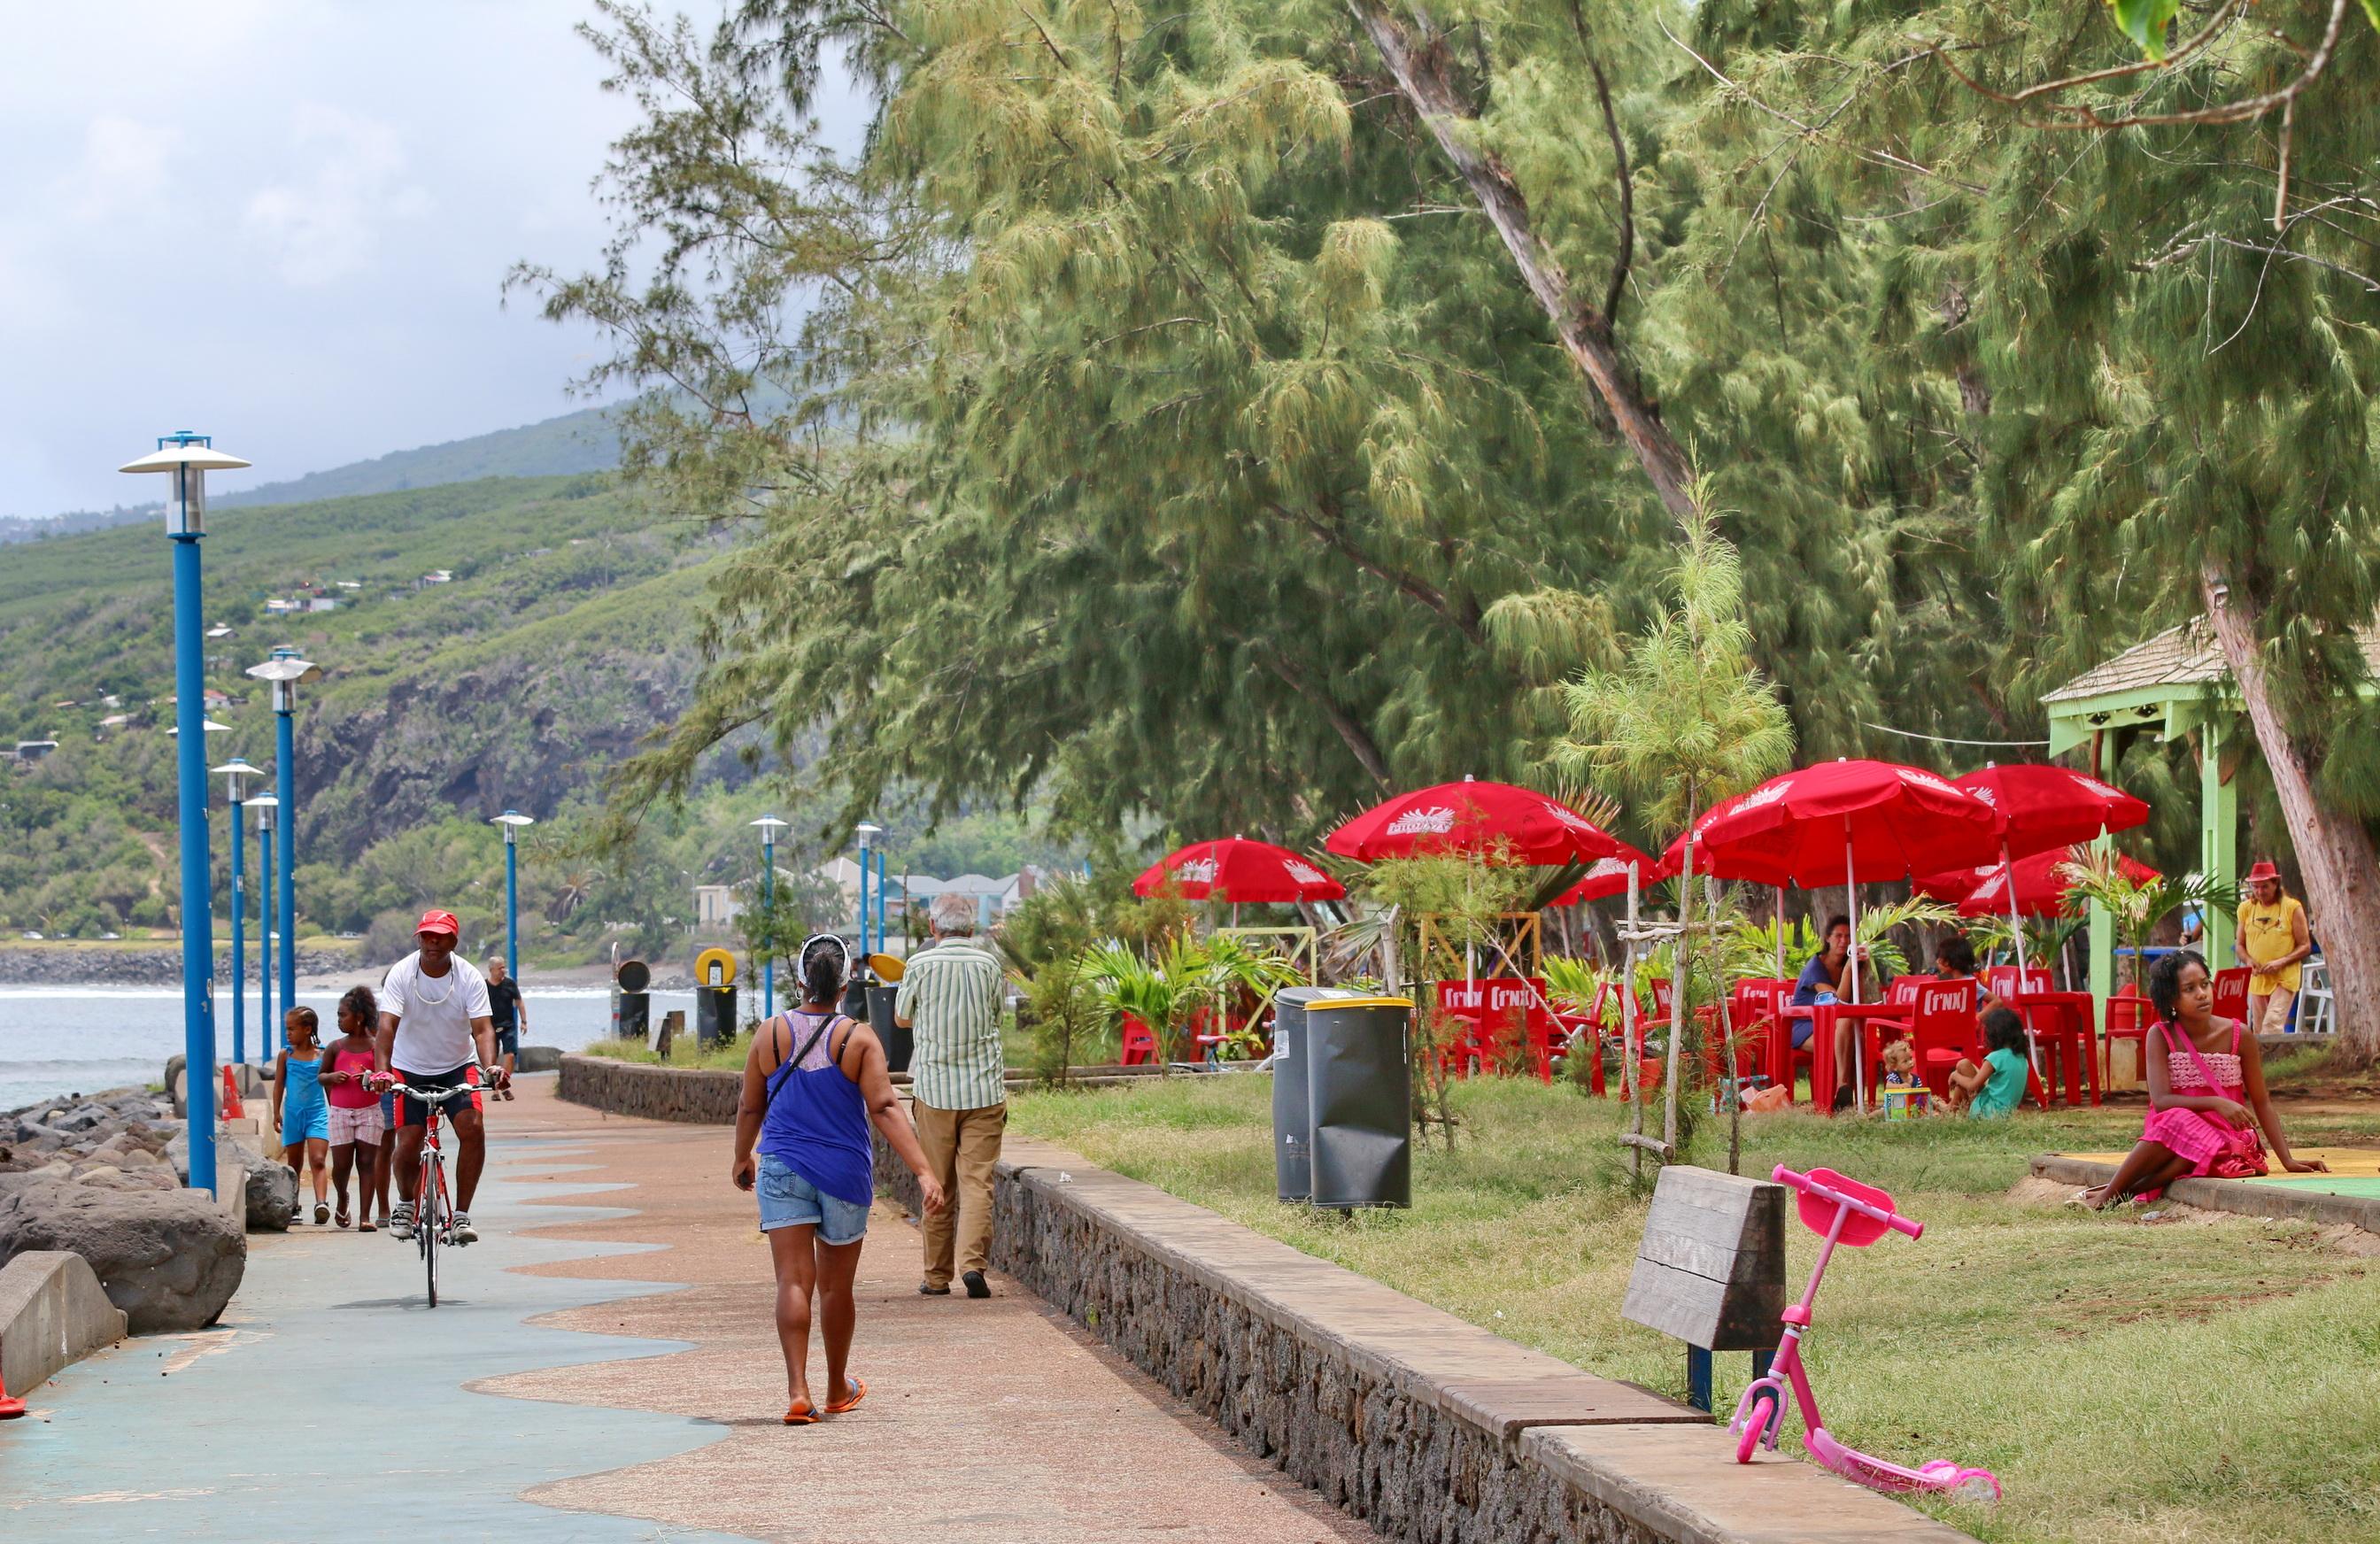 [Vie des ports] Les ports de la Réunion - Page 3 972111stpierrestleu70d051